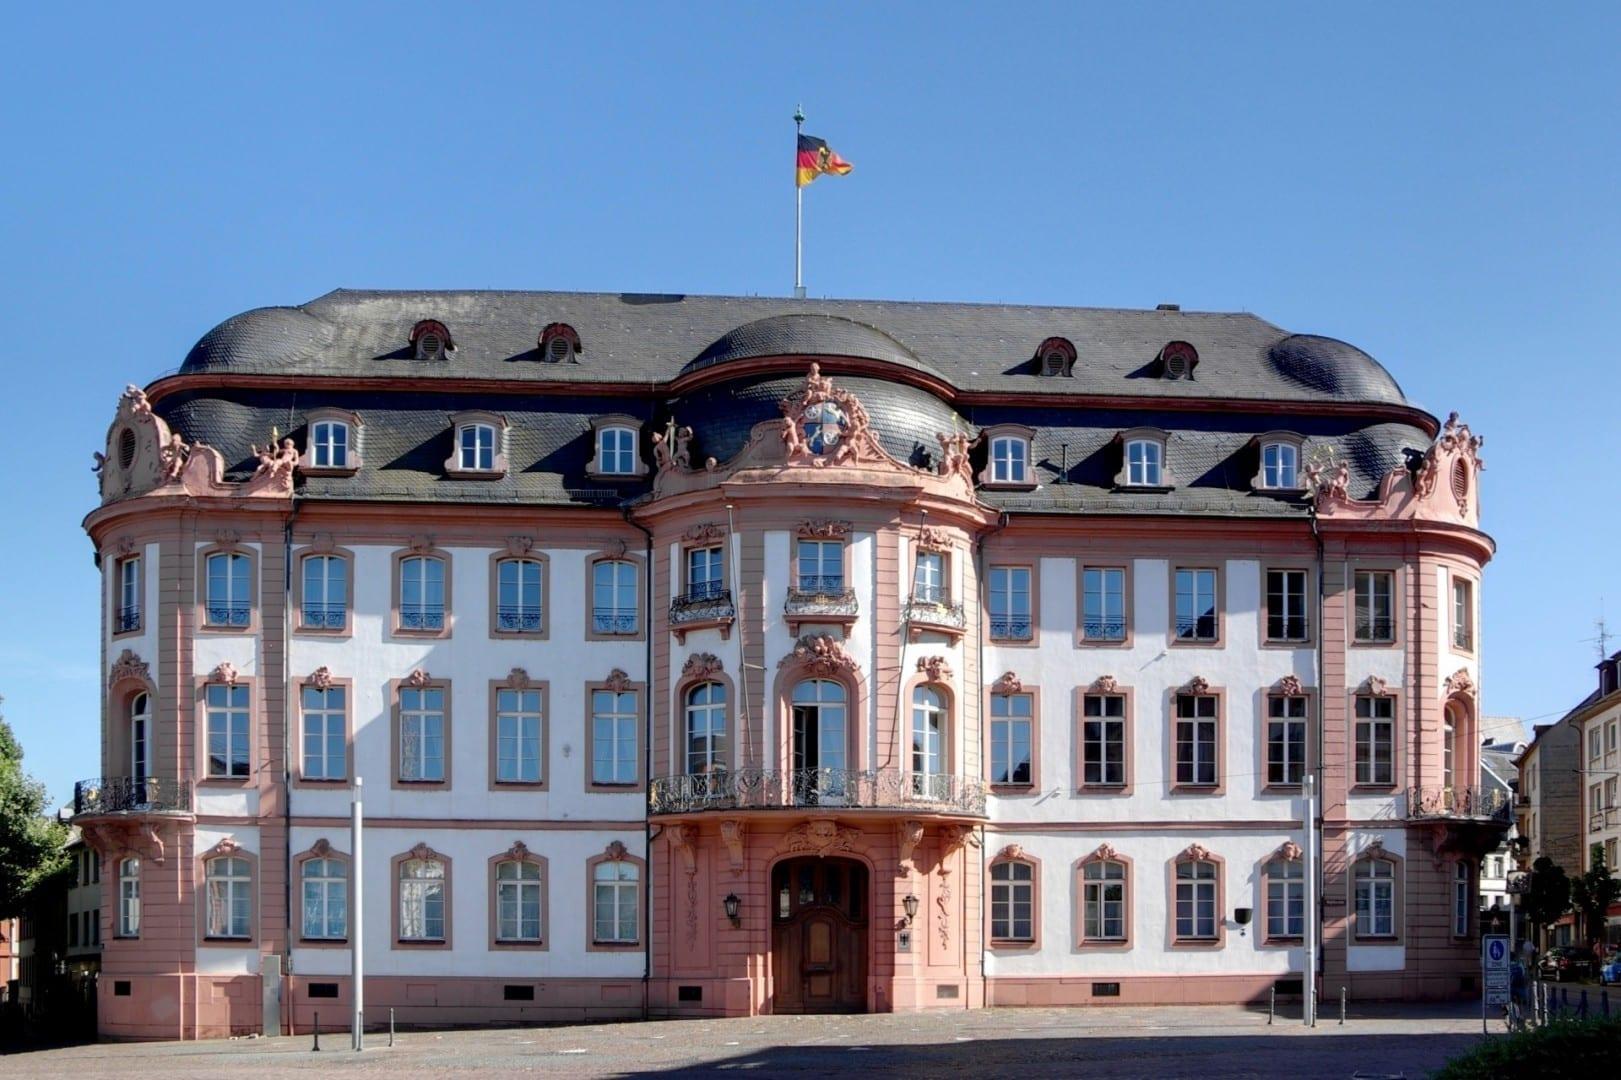 Osteiner Hof, un edificio rococó que solía ser la sede gubernamental de la región Maguncia Alemania